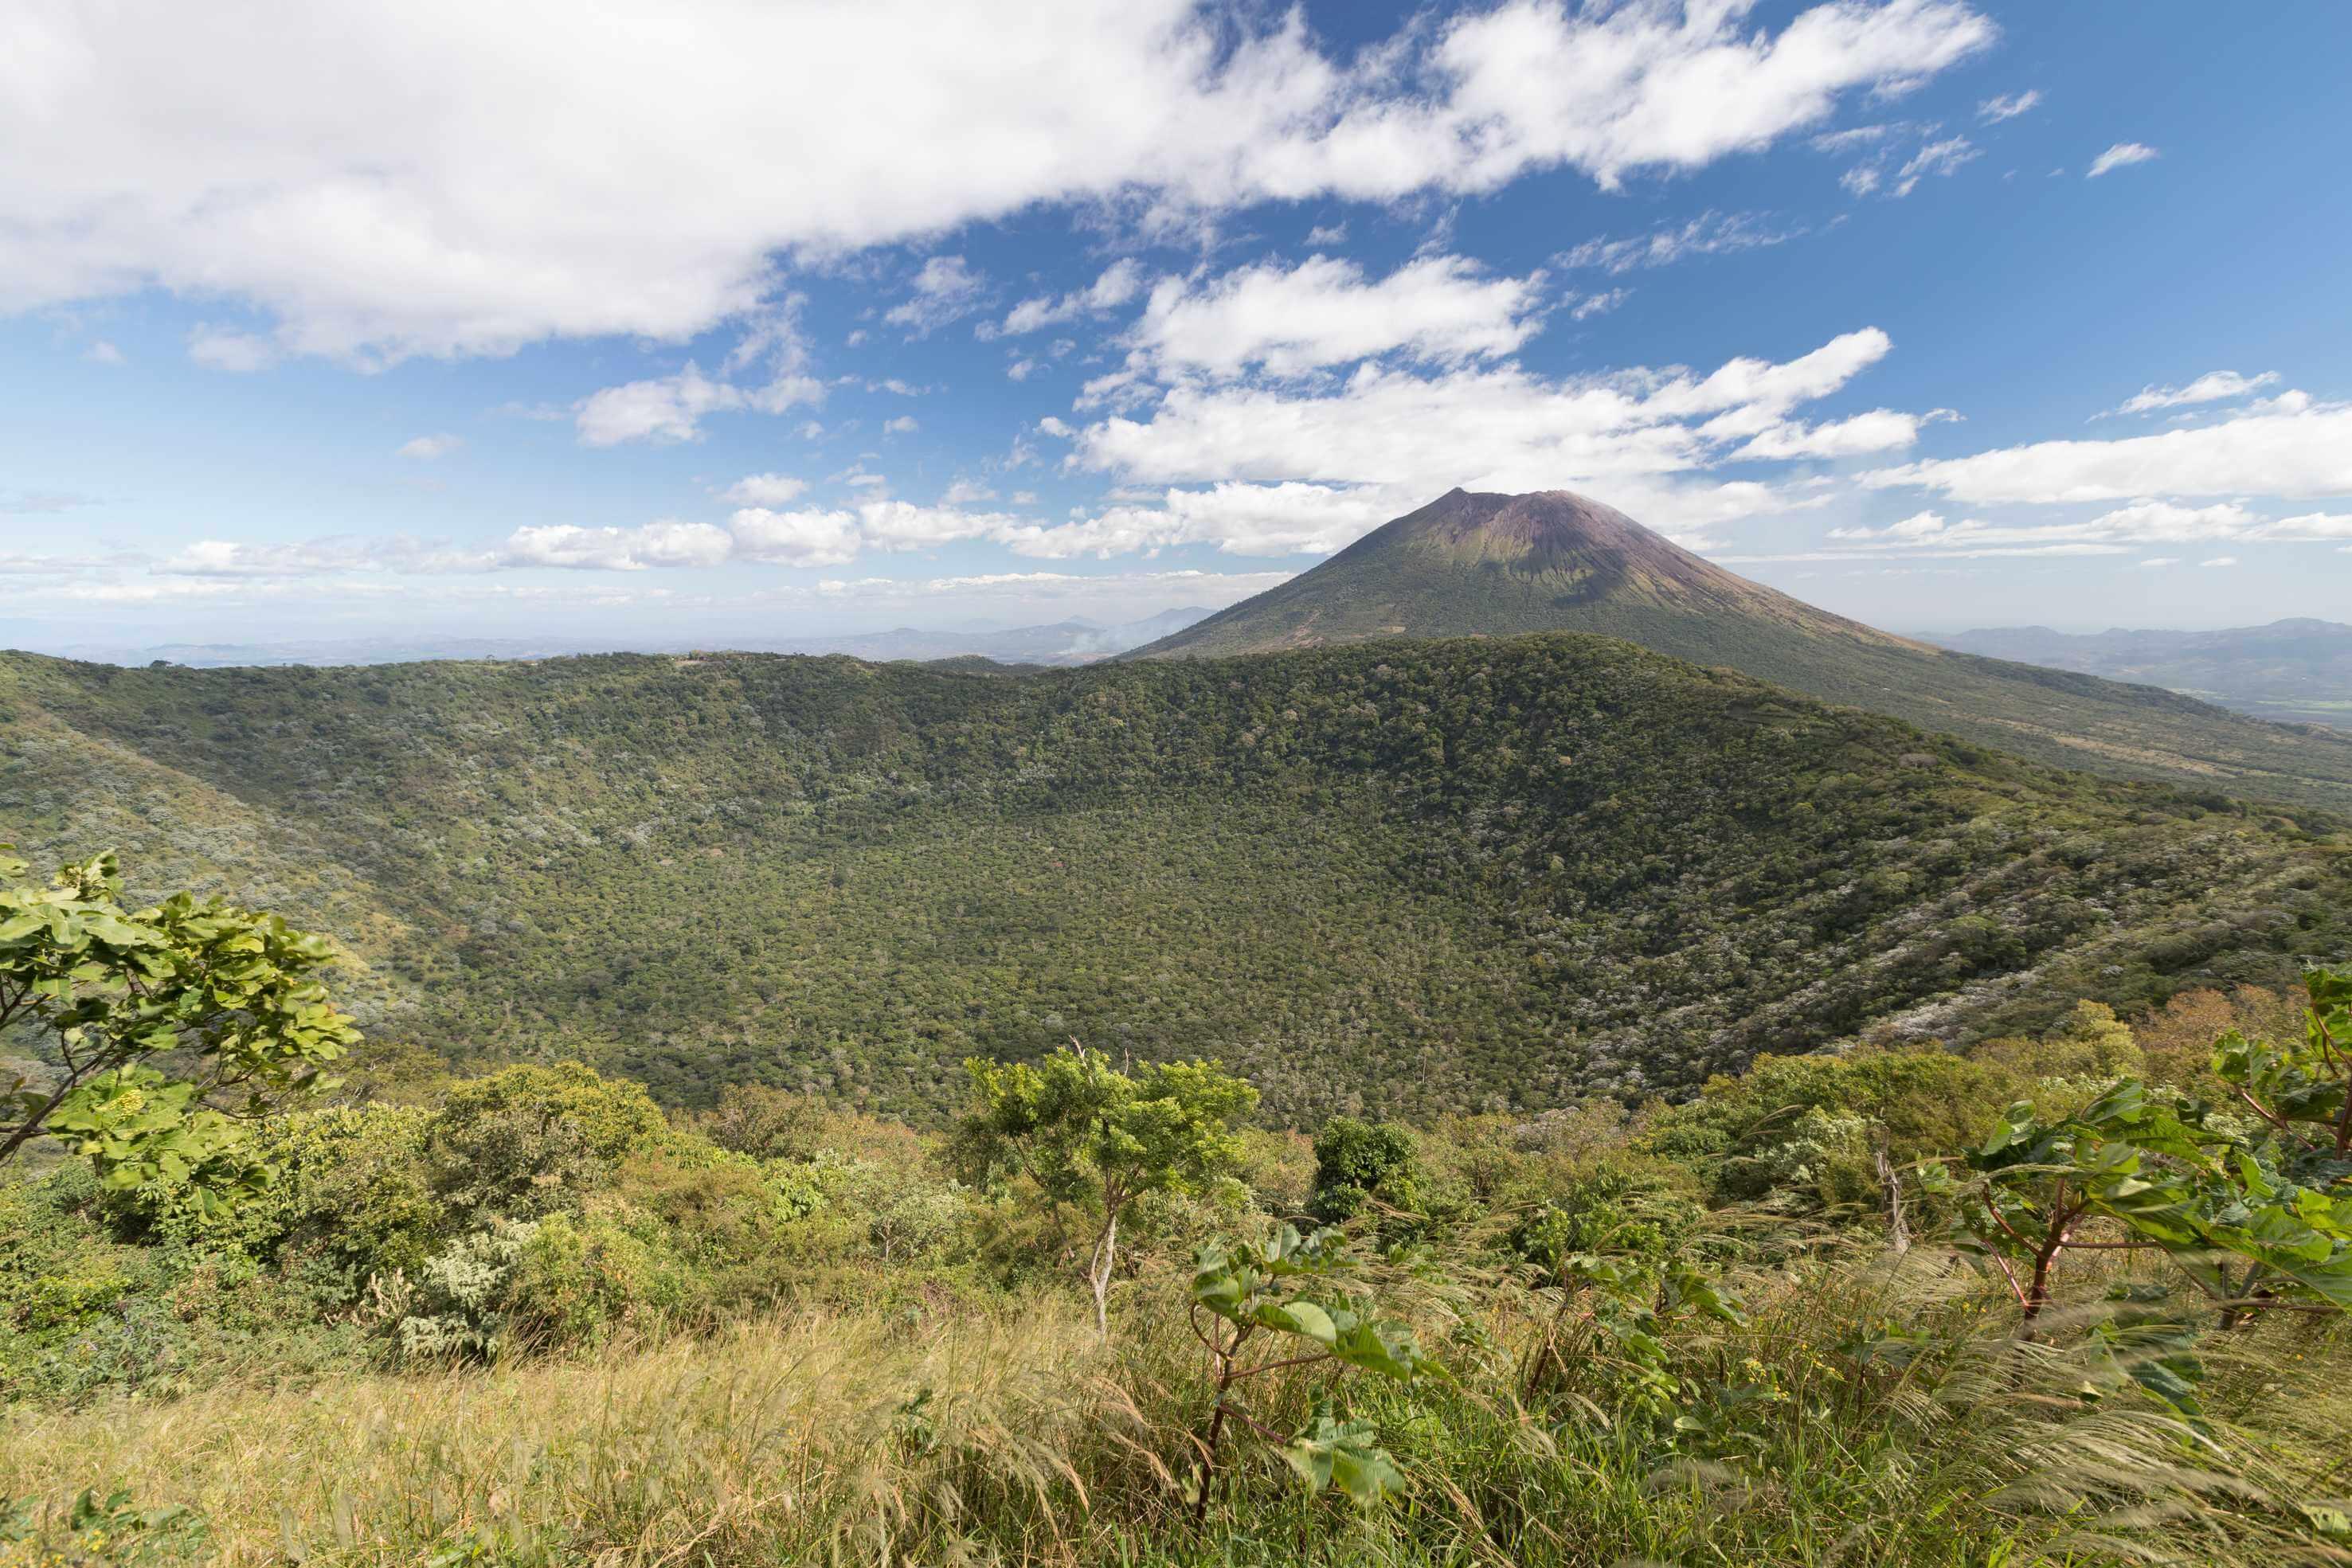 Krater des Vulkans Chinameca im Vordergrund und der Vulkan von San Miguel im Hintergrund.